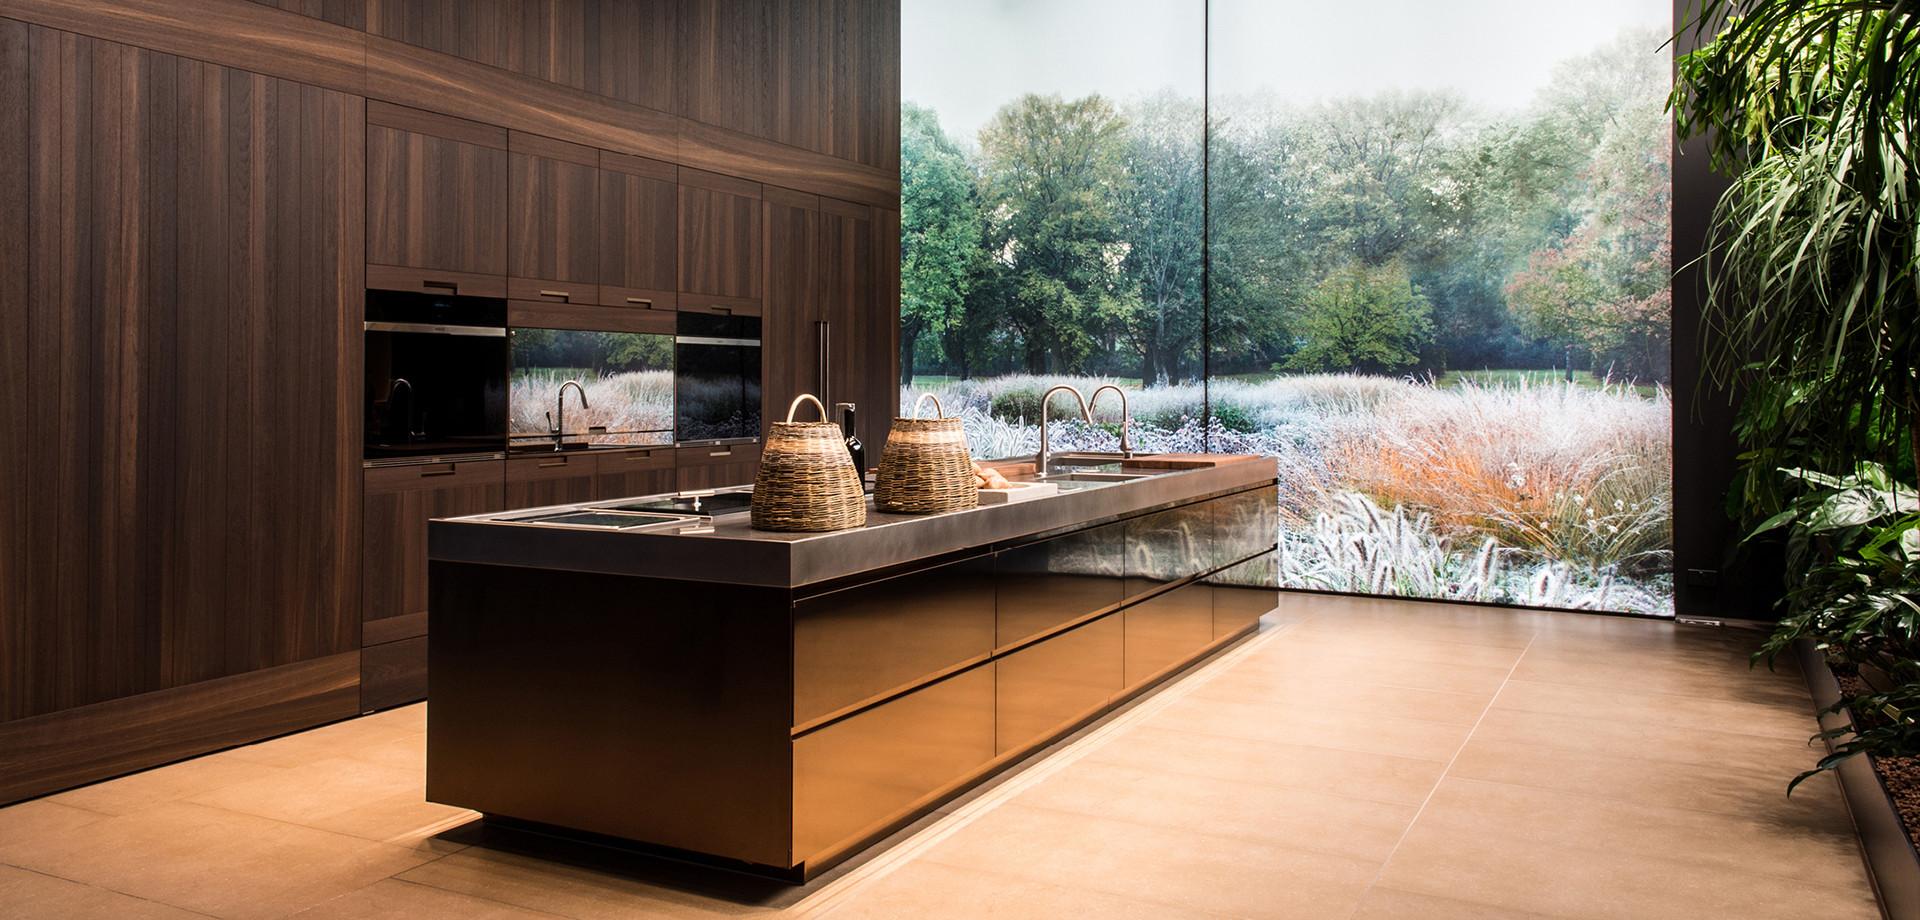 Ab interior agencement de cuisine cuisiniste morges for B7b italia